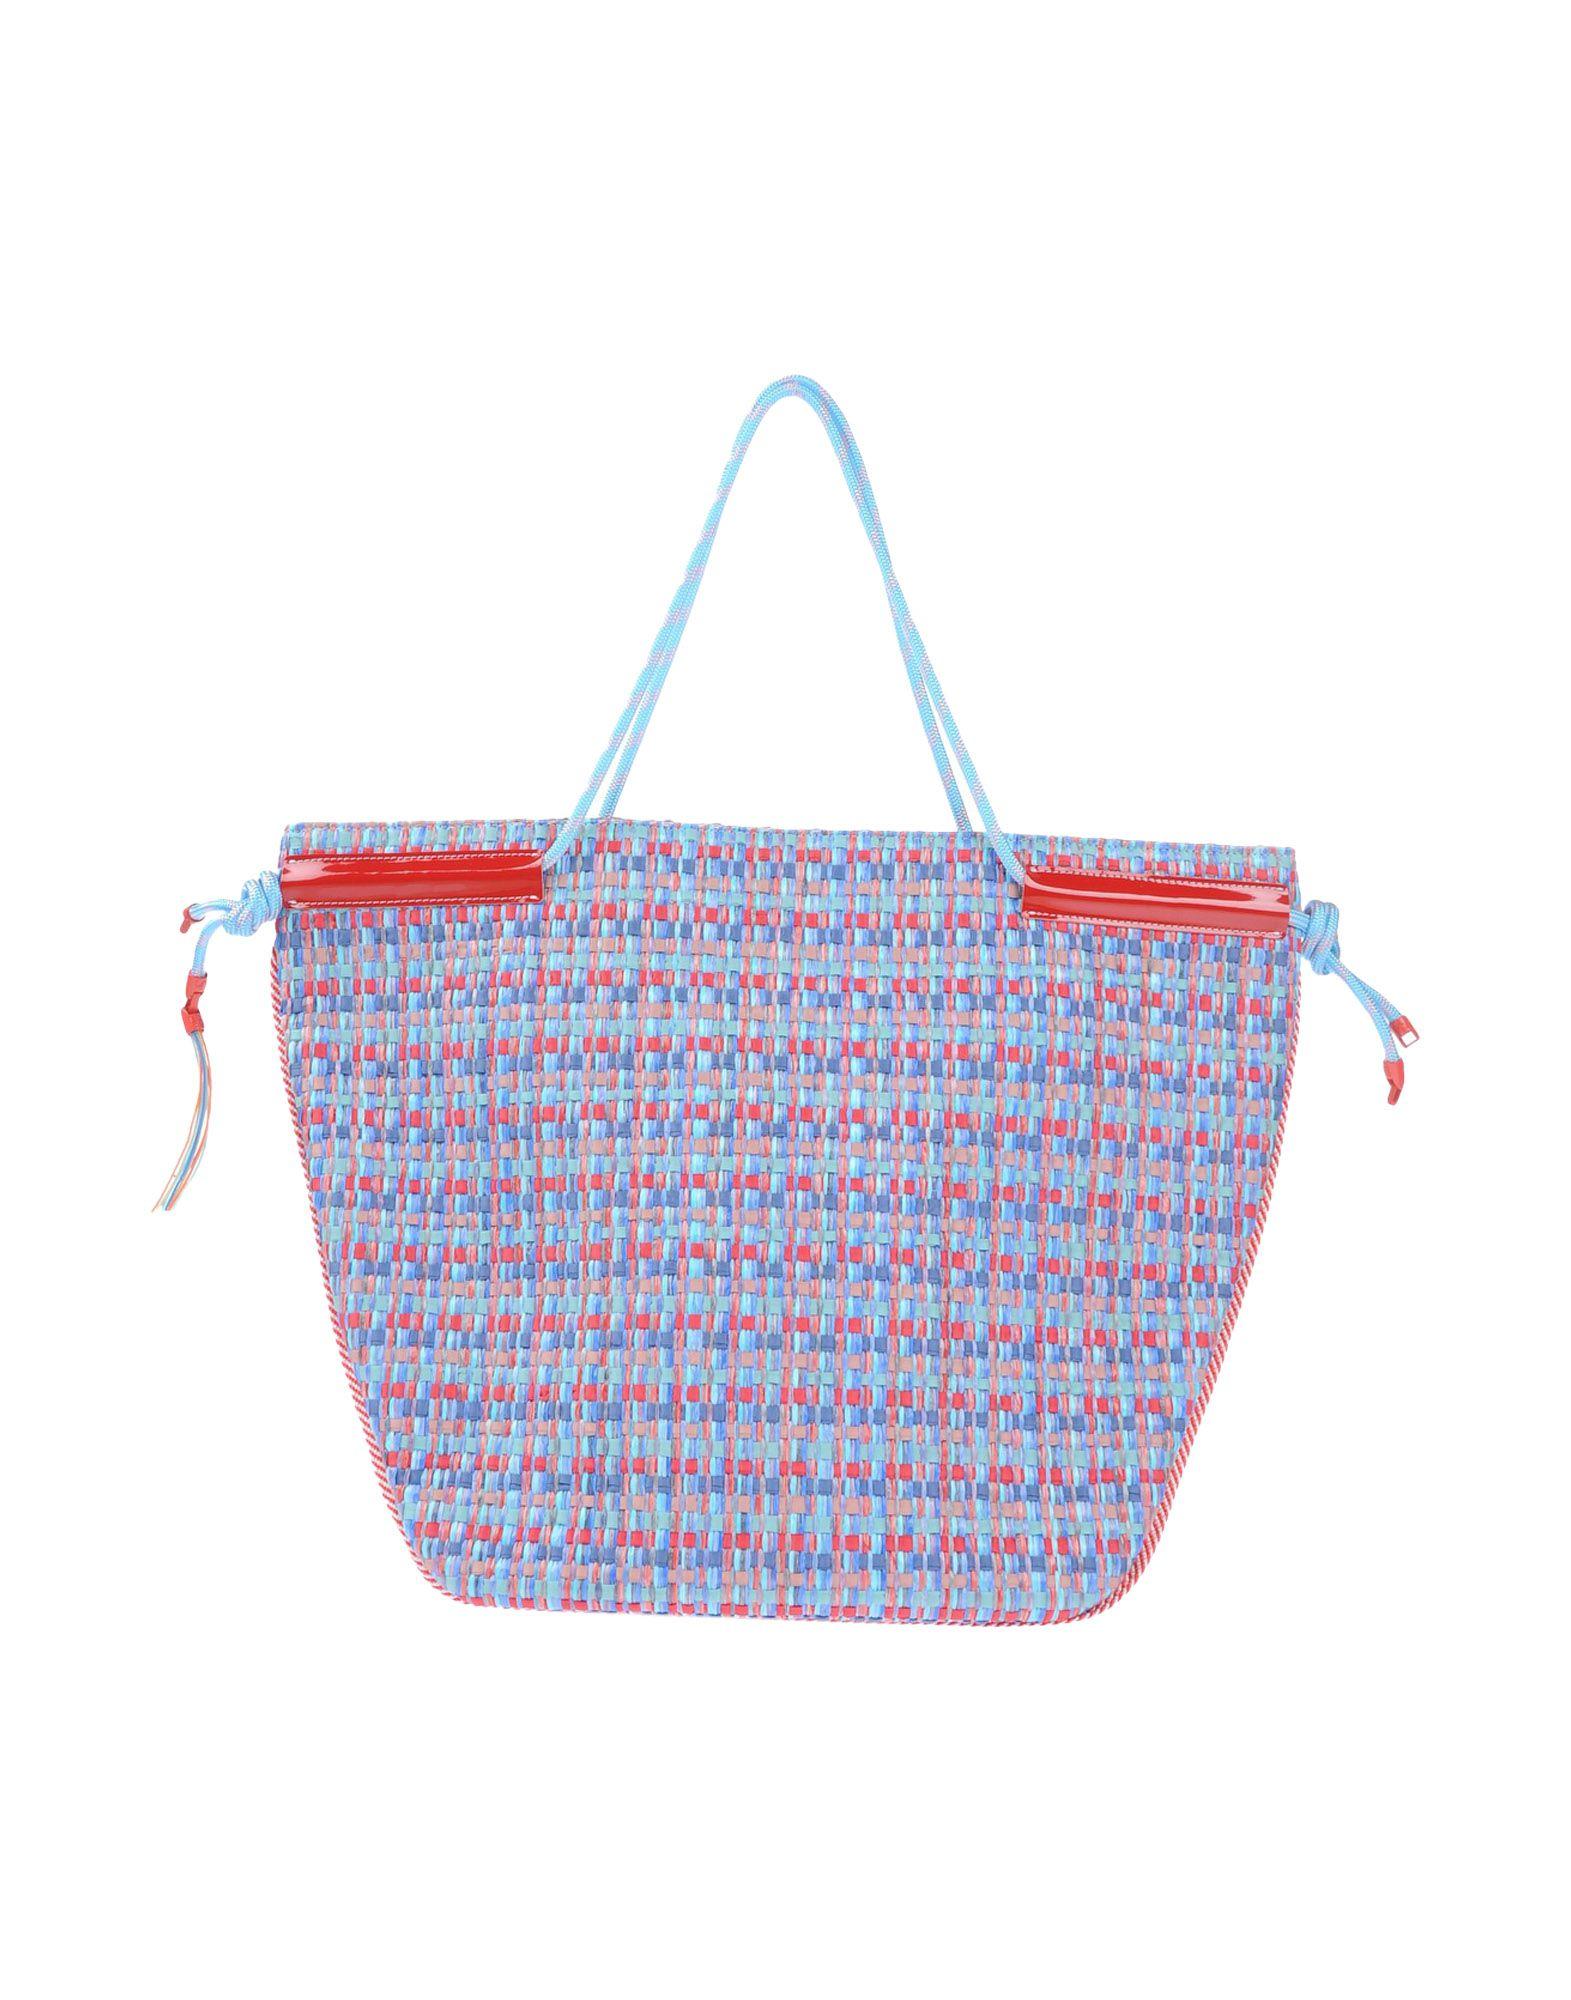 《送料無料》L4K3 レディース ハンドバッグ スカイブルー 紡績繊維